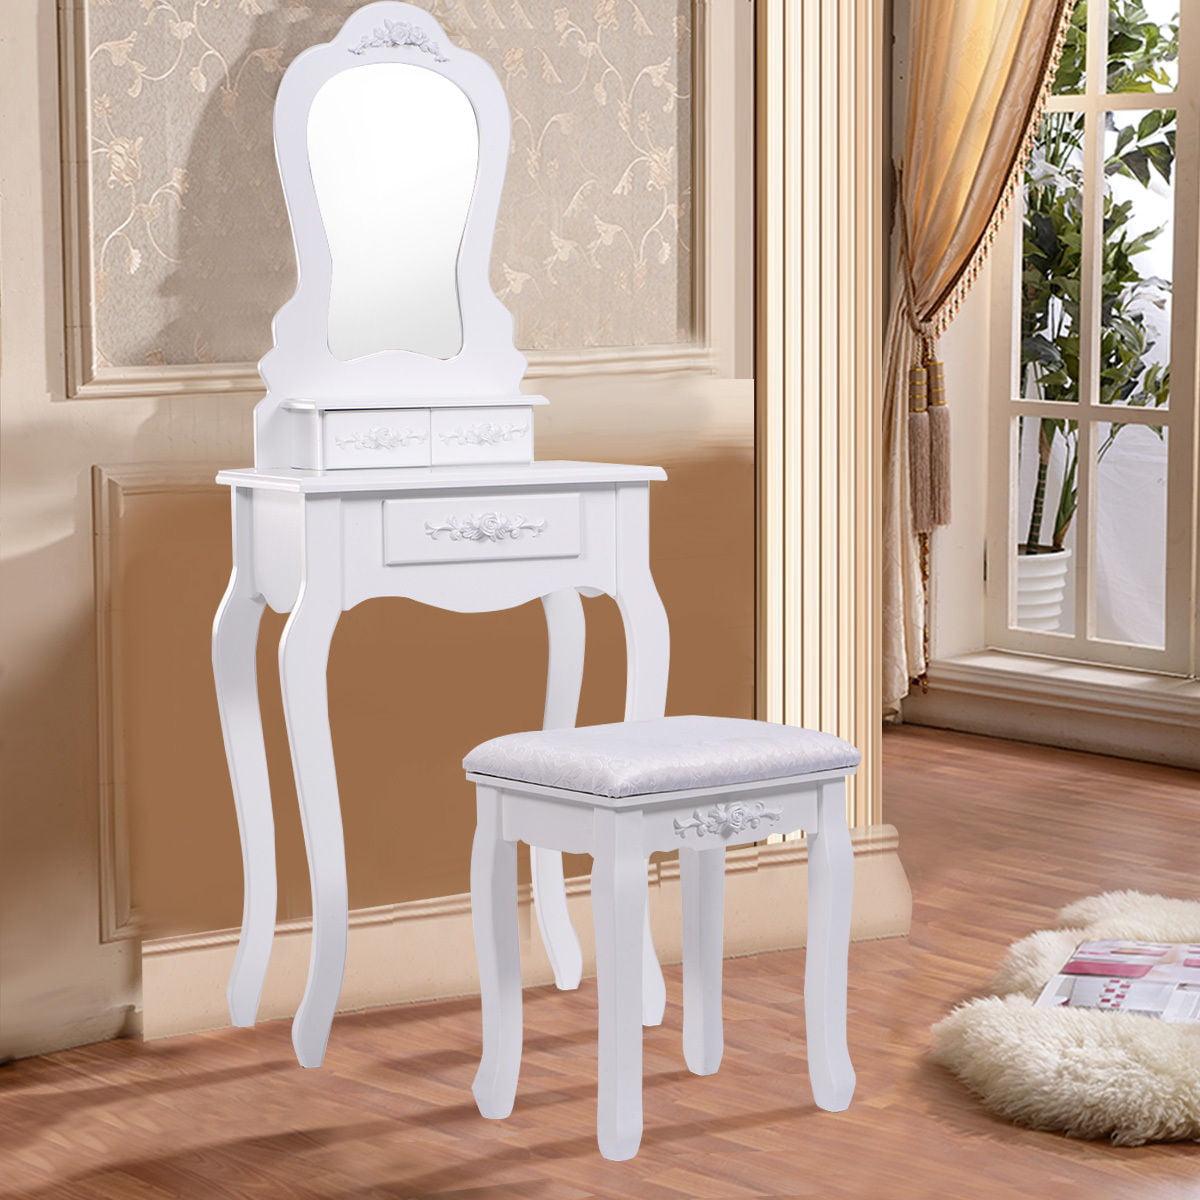 Costway Vanity Jewelry Makeup Dressing Table Set bathroom  W/Stool Drawer Mirror Wood Desk,White,Black